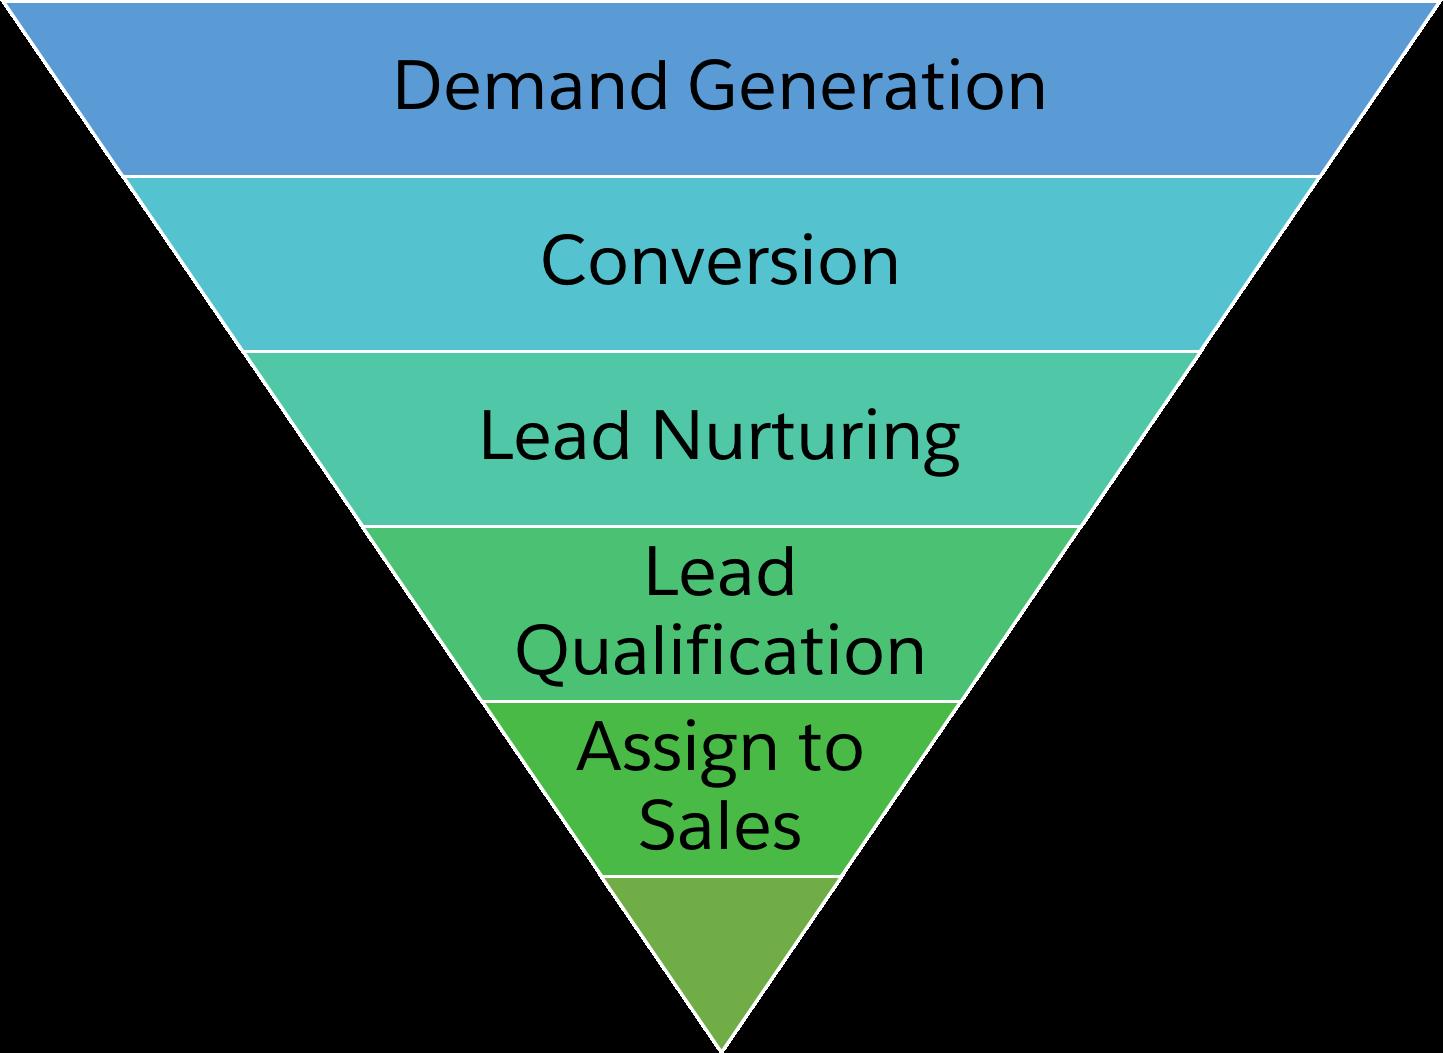 Pardot におけるプロスぺクトの一般的なジャーニーを示すファネル。ファネルの一番広い間口が「需要の創出」で、「コンバージョン」、「リードの育成」、「リードの評価」へと進み、ファネルの最も狭い部分が「営業への割り当て」です。